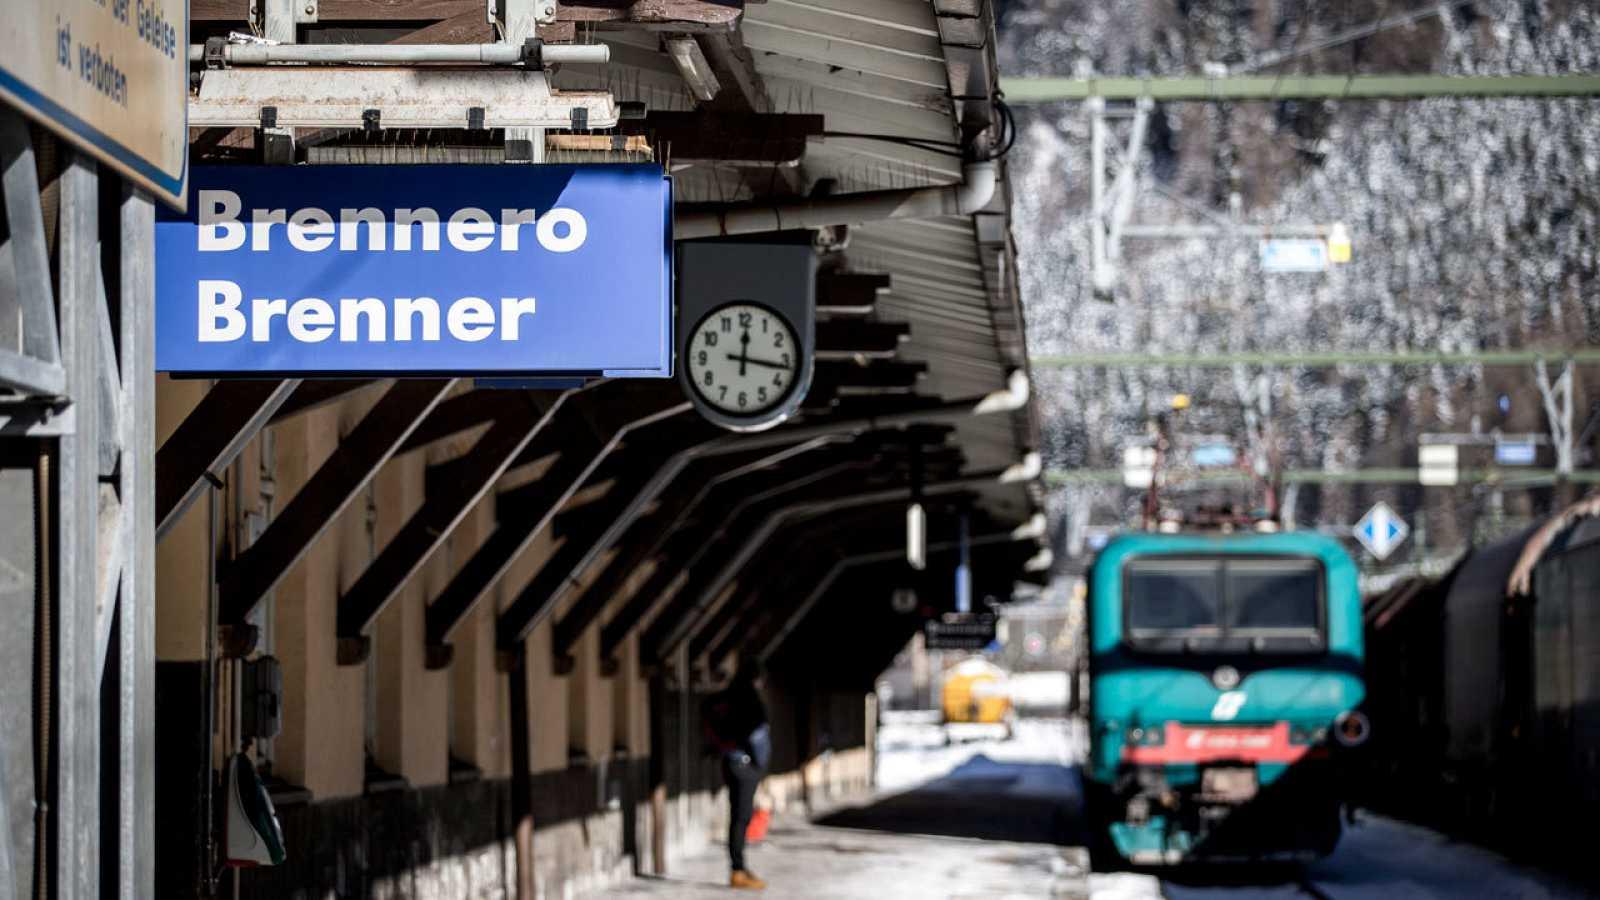 El paso de Brennero, entre Italia y Austria, se halla cerrado.